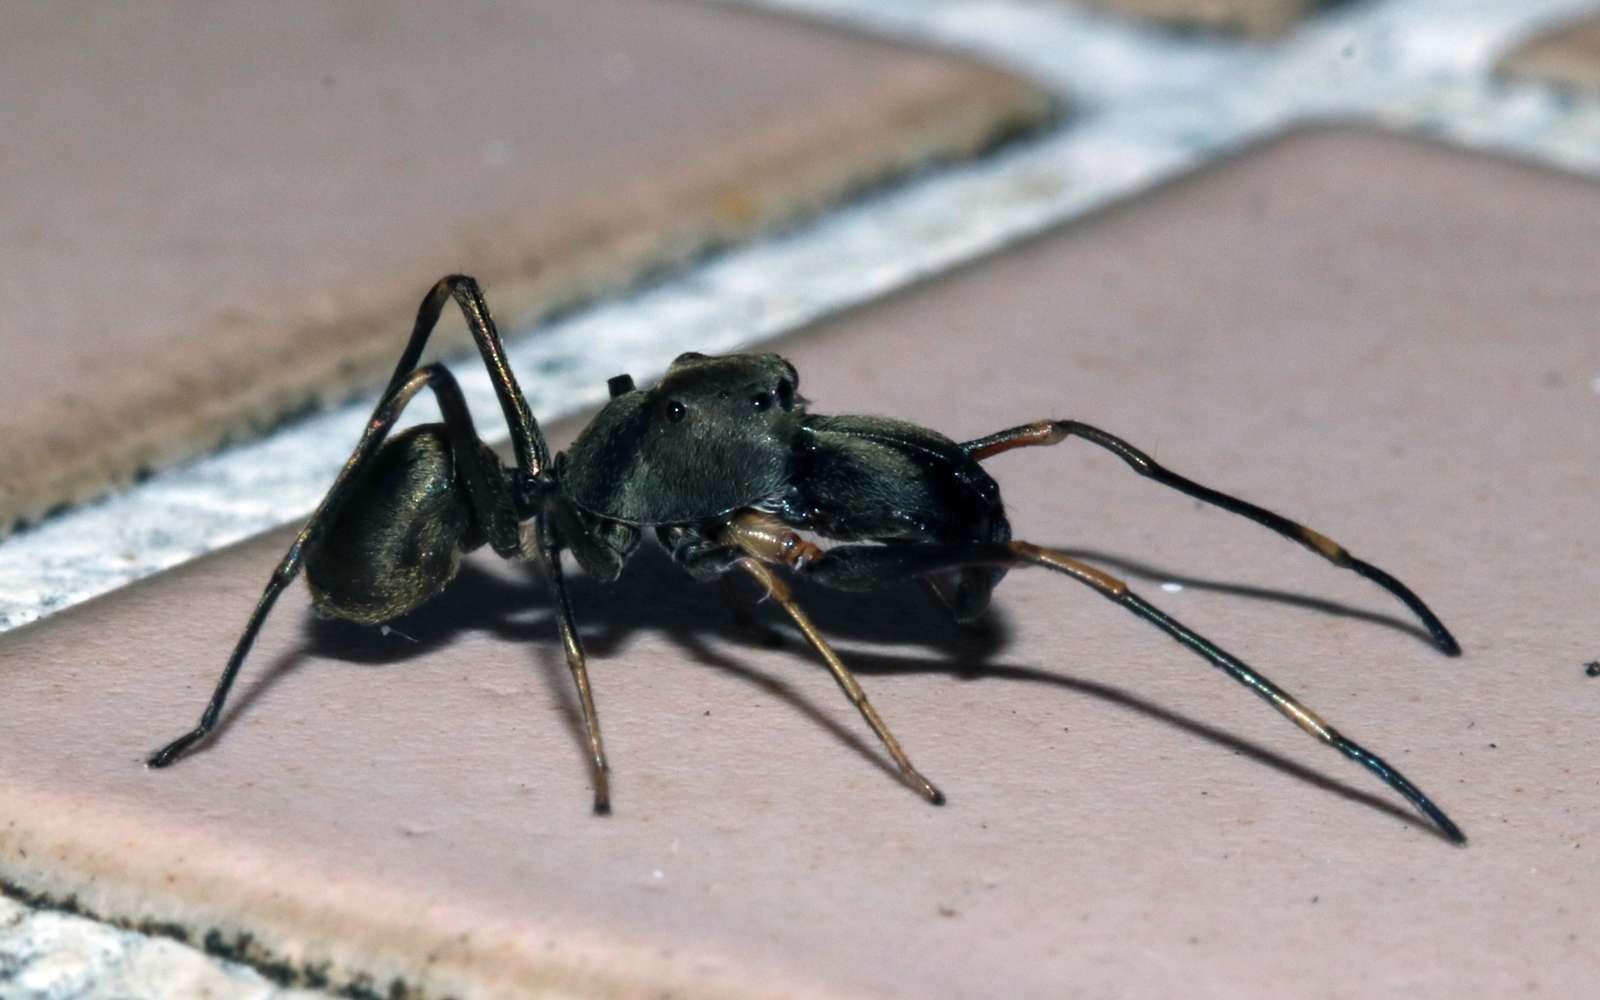 Une araignée sauteuse qui nourrit ses bébés avec du lait comme les mammifères. © hokoonwong, iNaturalist, CC by-sa